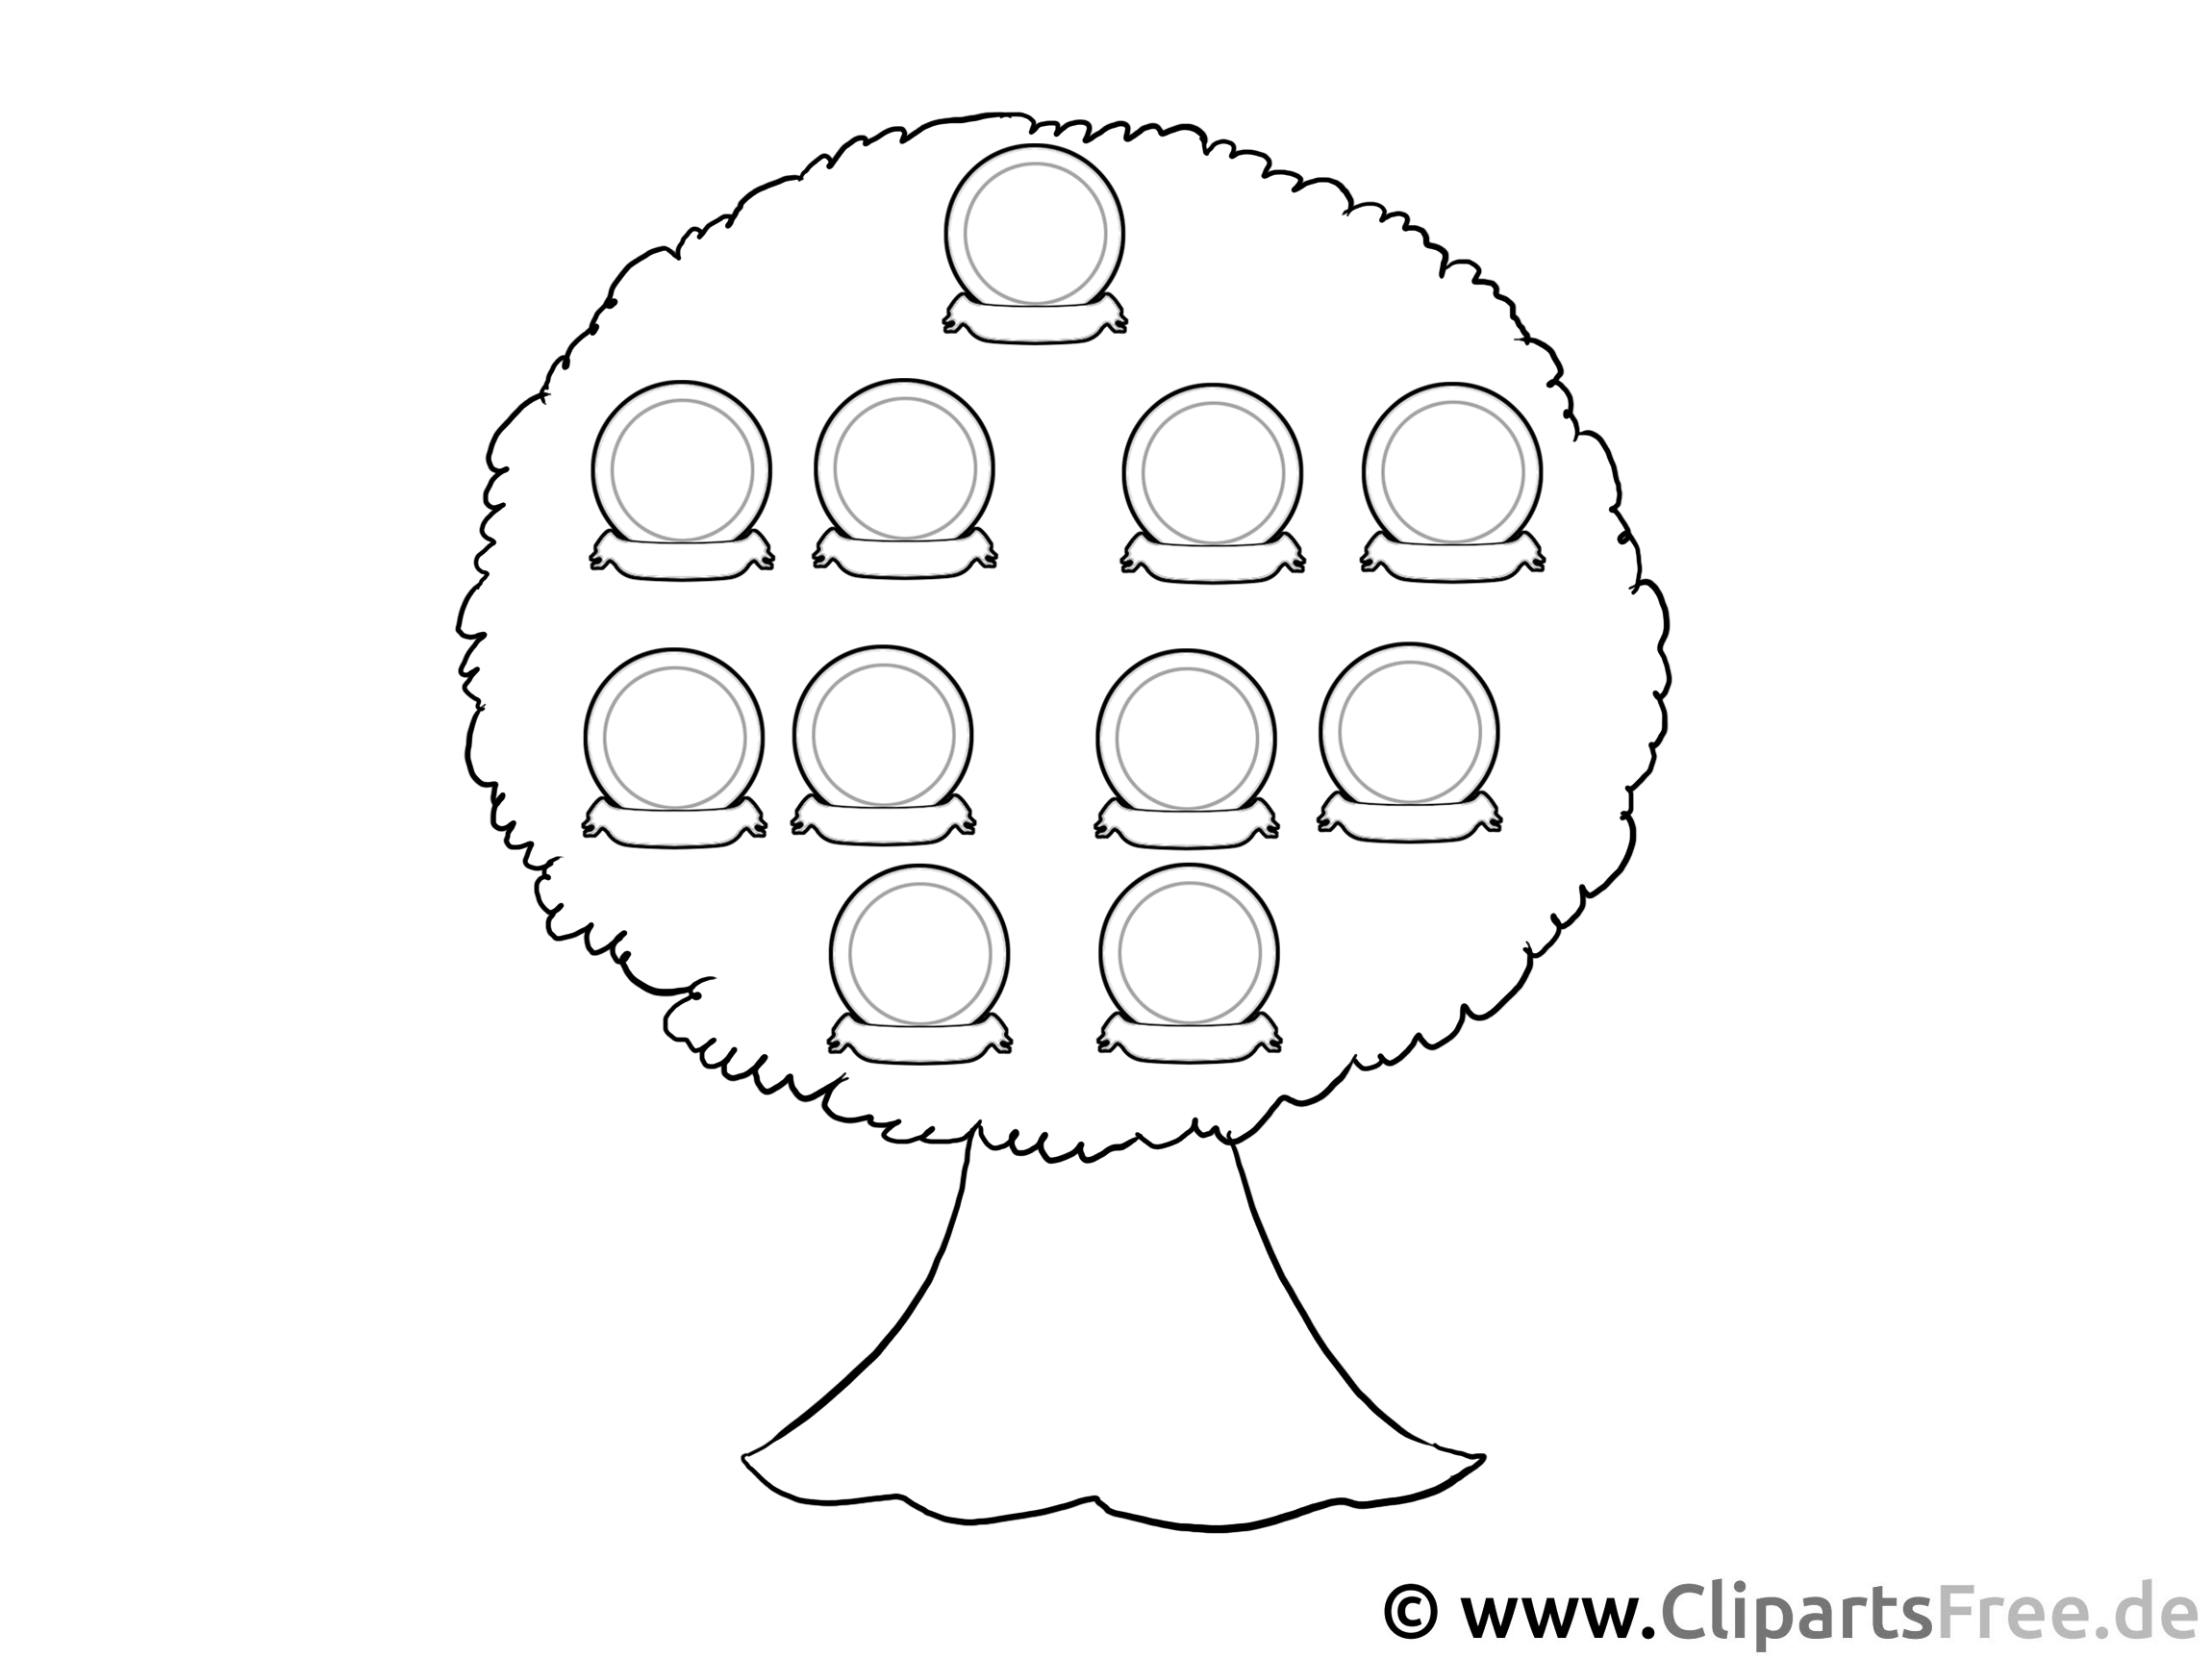 Bild stammbaum zum drucken und malen - Malvorlage stammbaum ...